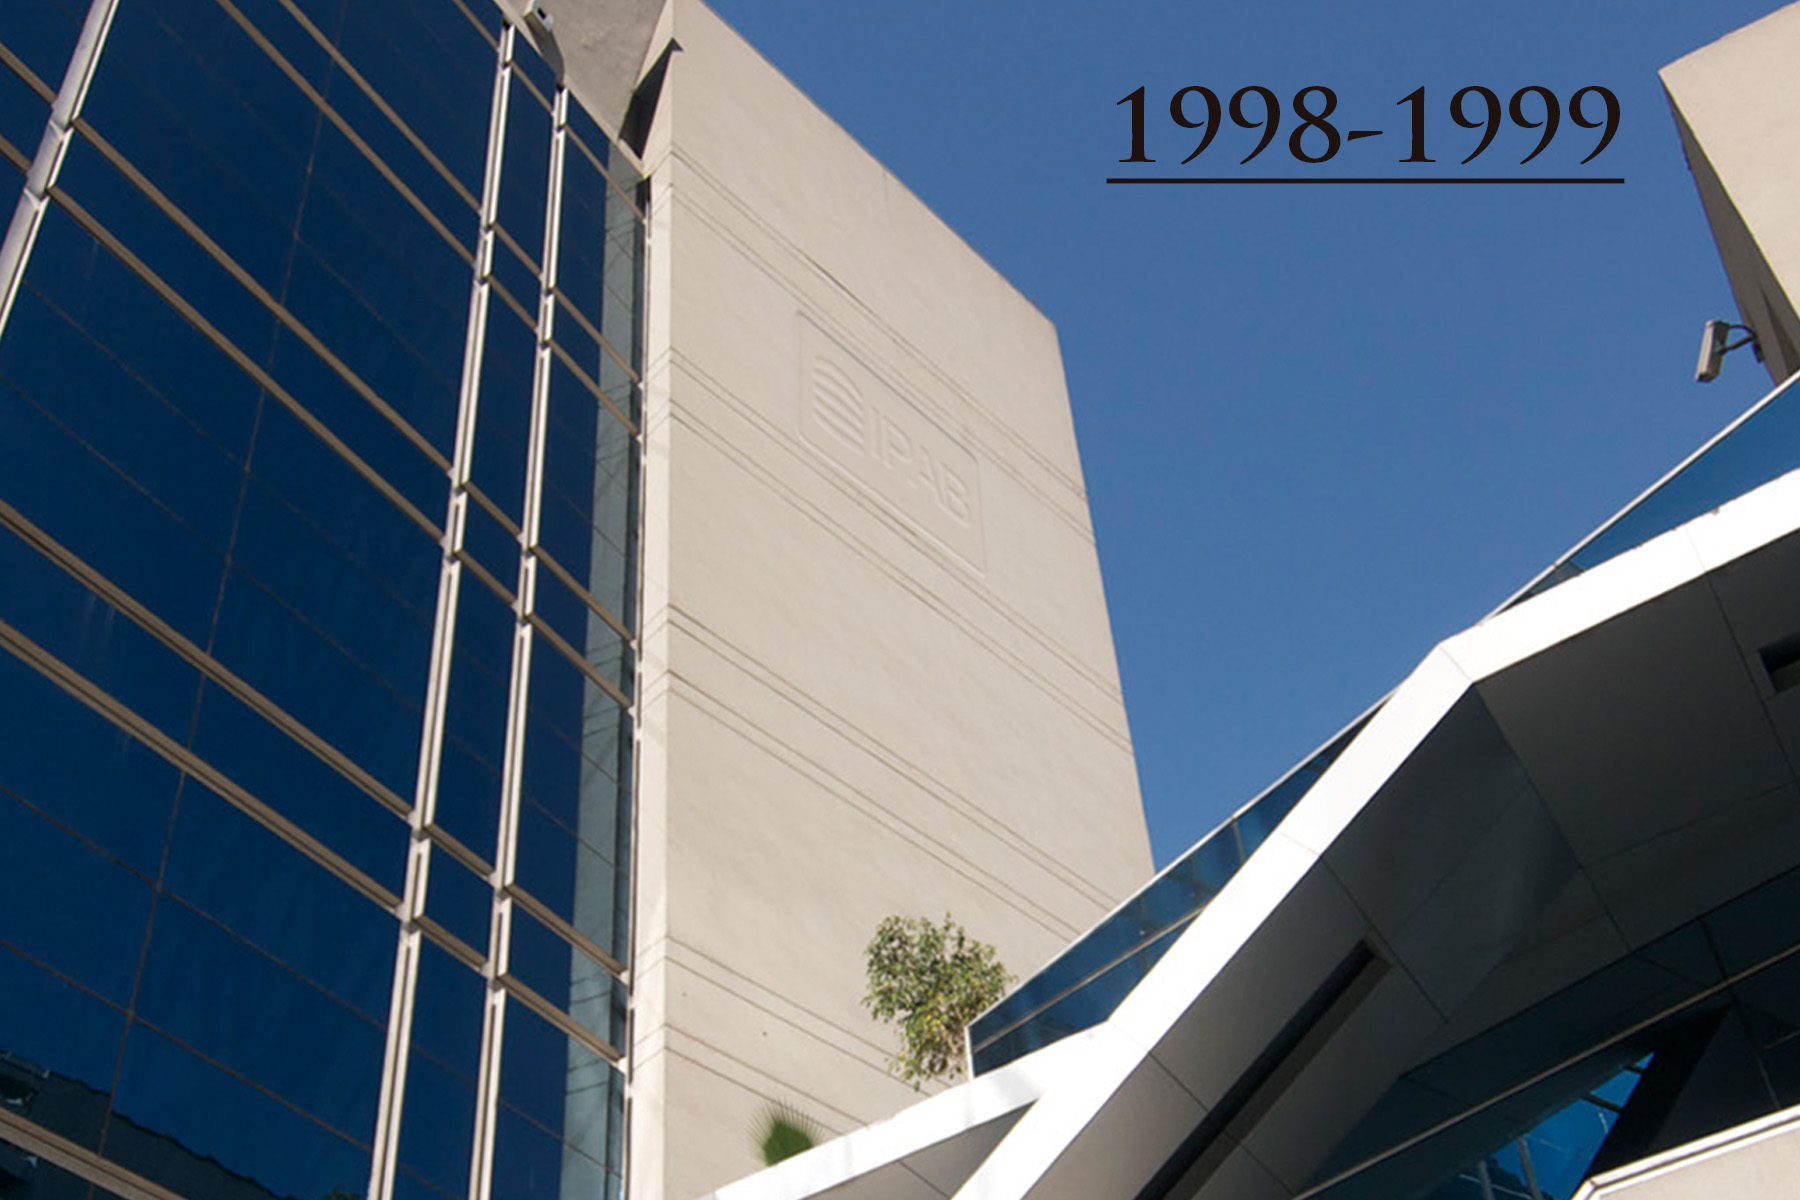 La iniciativa del Ejecutivo así como la de la LPAB, fueron dictaminadas de manera conjunta. Los días 12 y 13 de diciembre de 1998, la Cámara de Diputados y la Cámara de Senadores, respectivamente, aprobaron la LPAB, que fue publicada en el Diario Oficial de la Federación el 19 de enero de 1999.